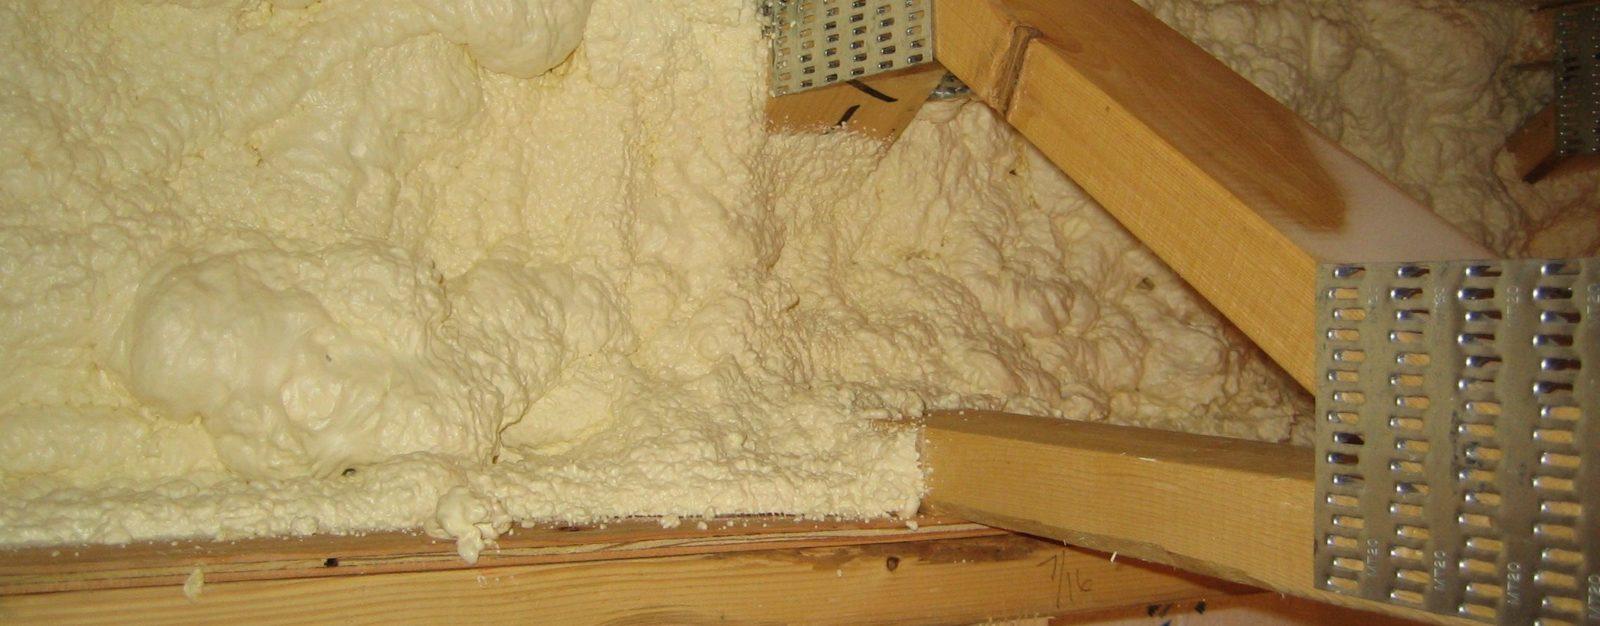 утеплить деревянные стропила ППУ